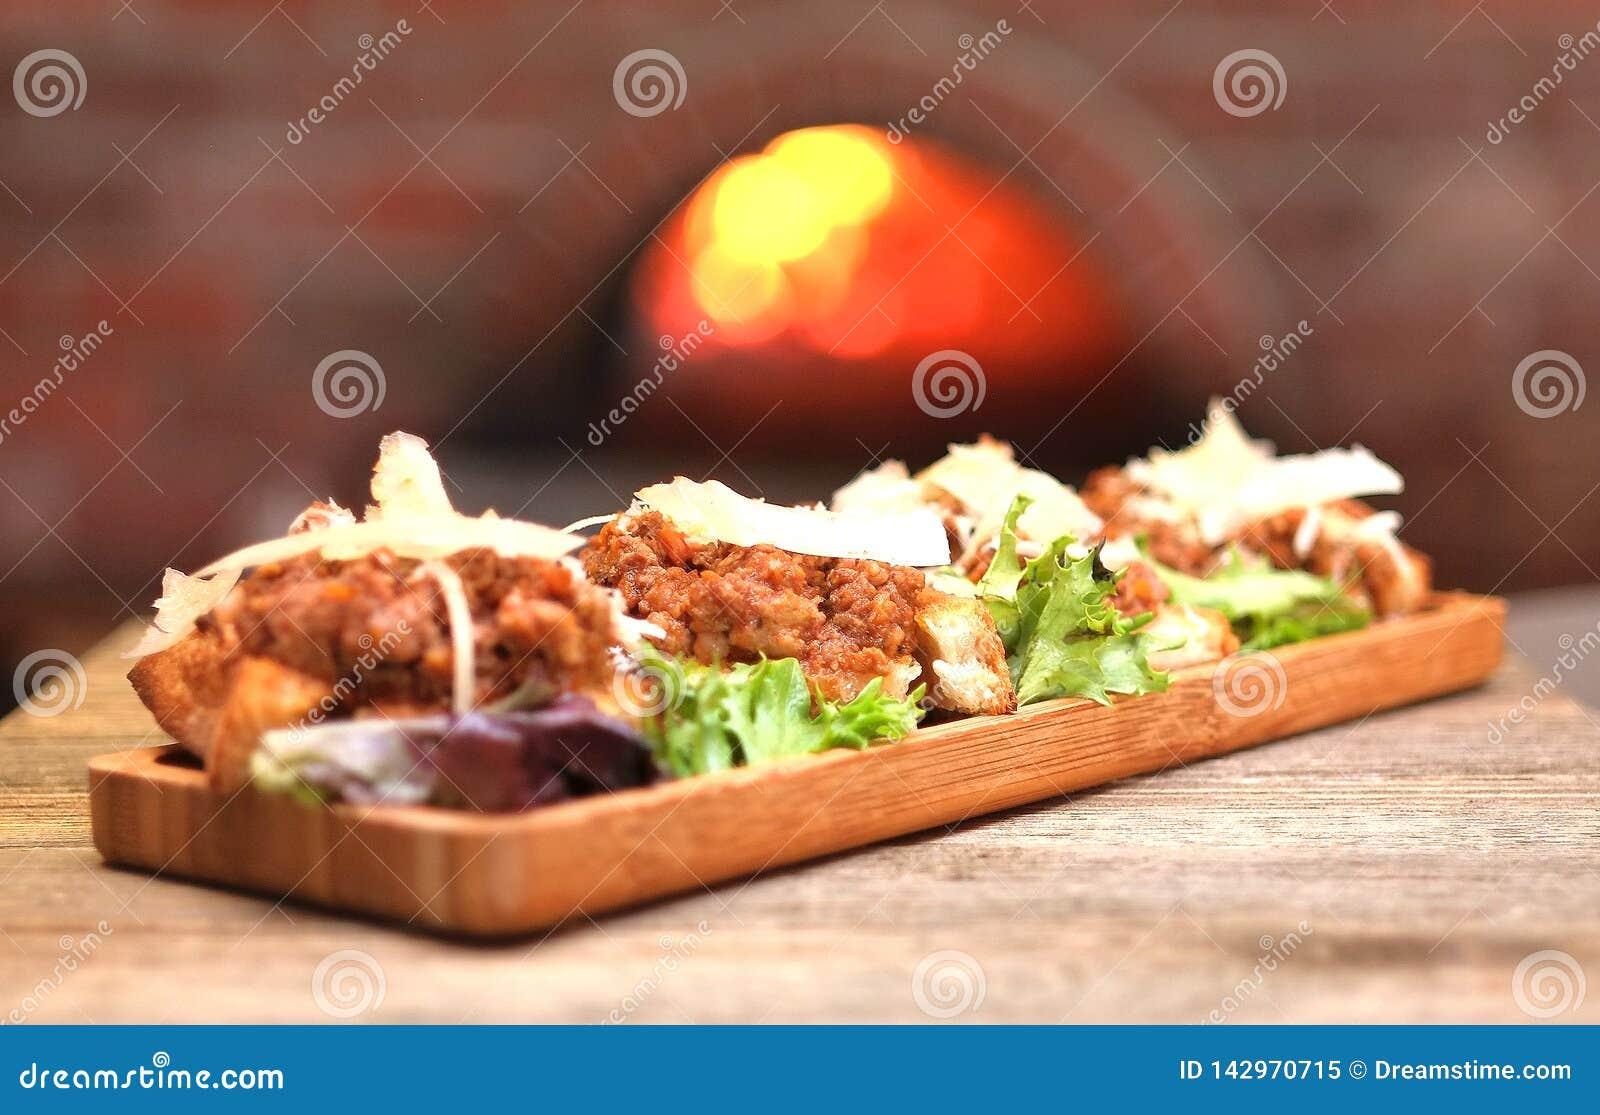 El bruschetta italiano del Viejo Mundo remató con la salsa y el queso de la carne